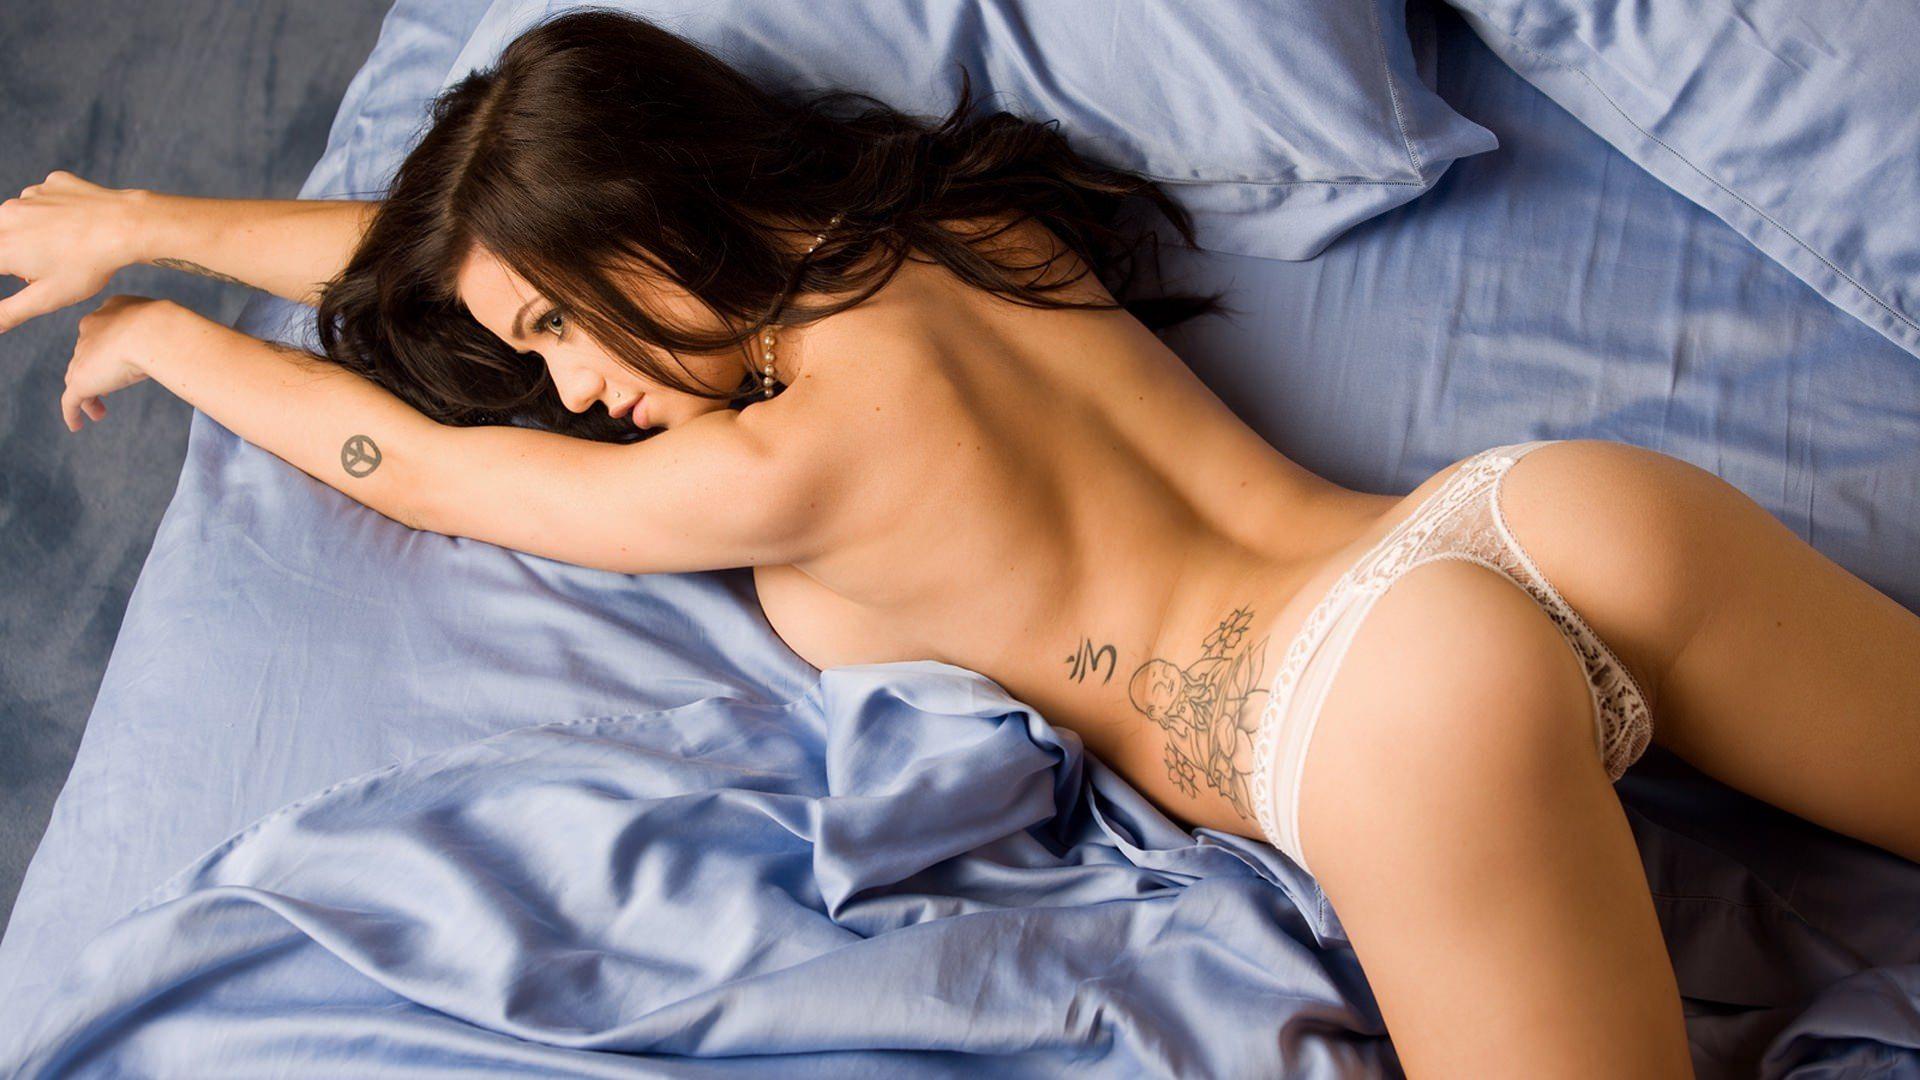 Секс в красивых белых трусиках 20 фотография